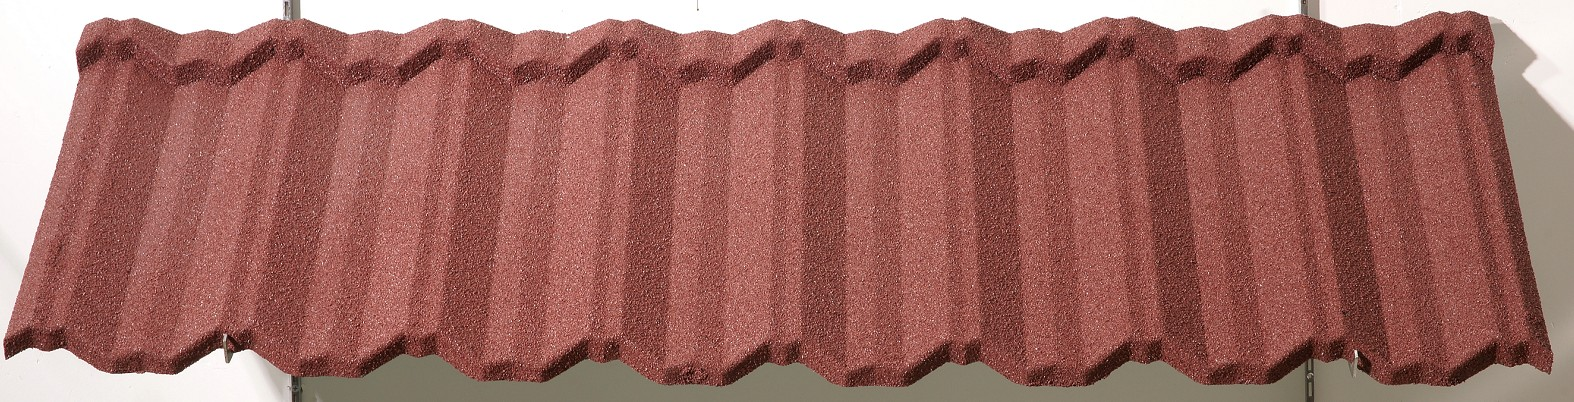 custom waterproof metal roof stone supply for Hotel-10